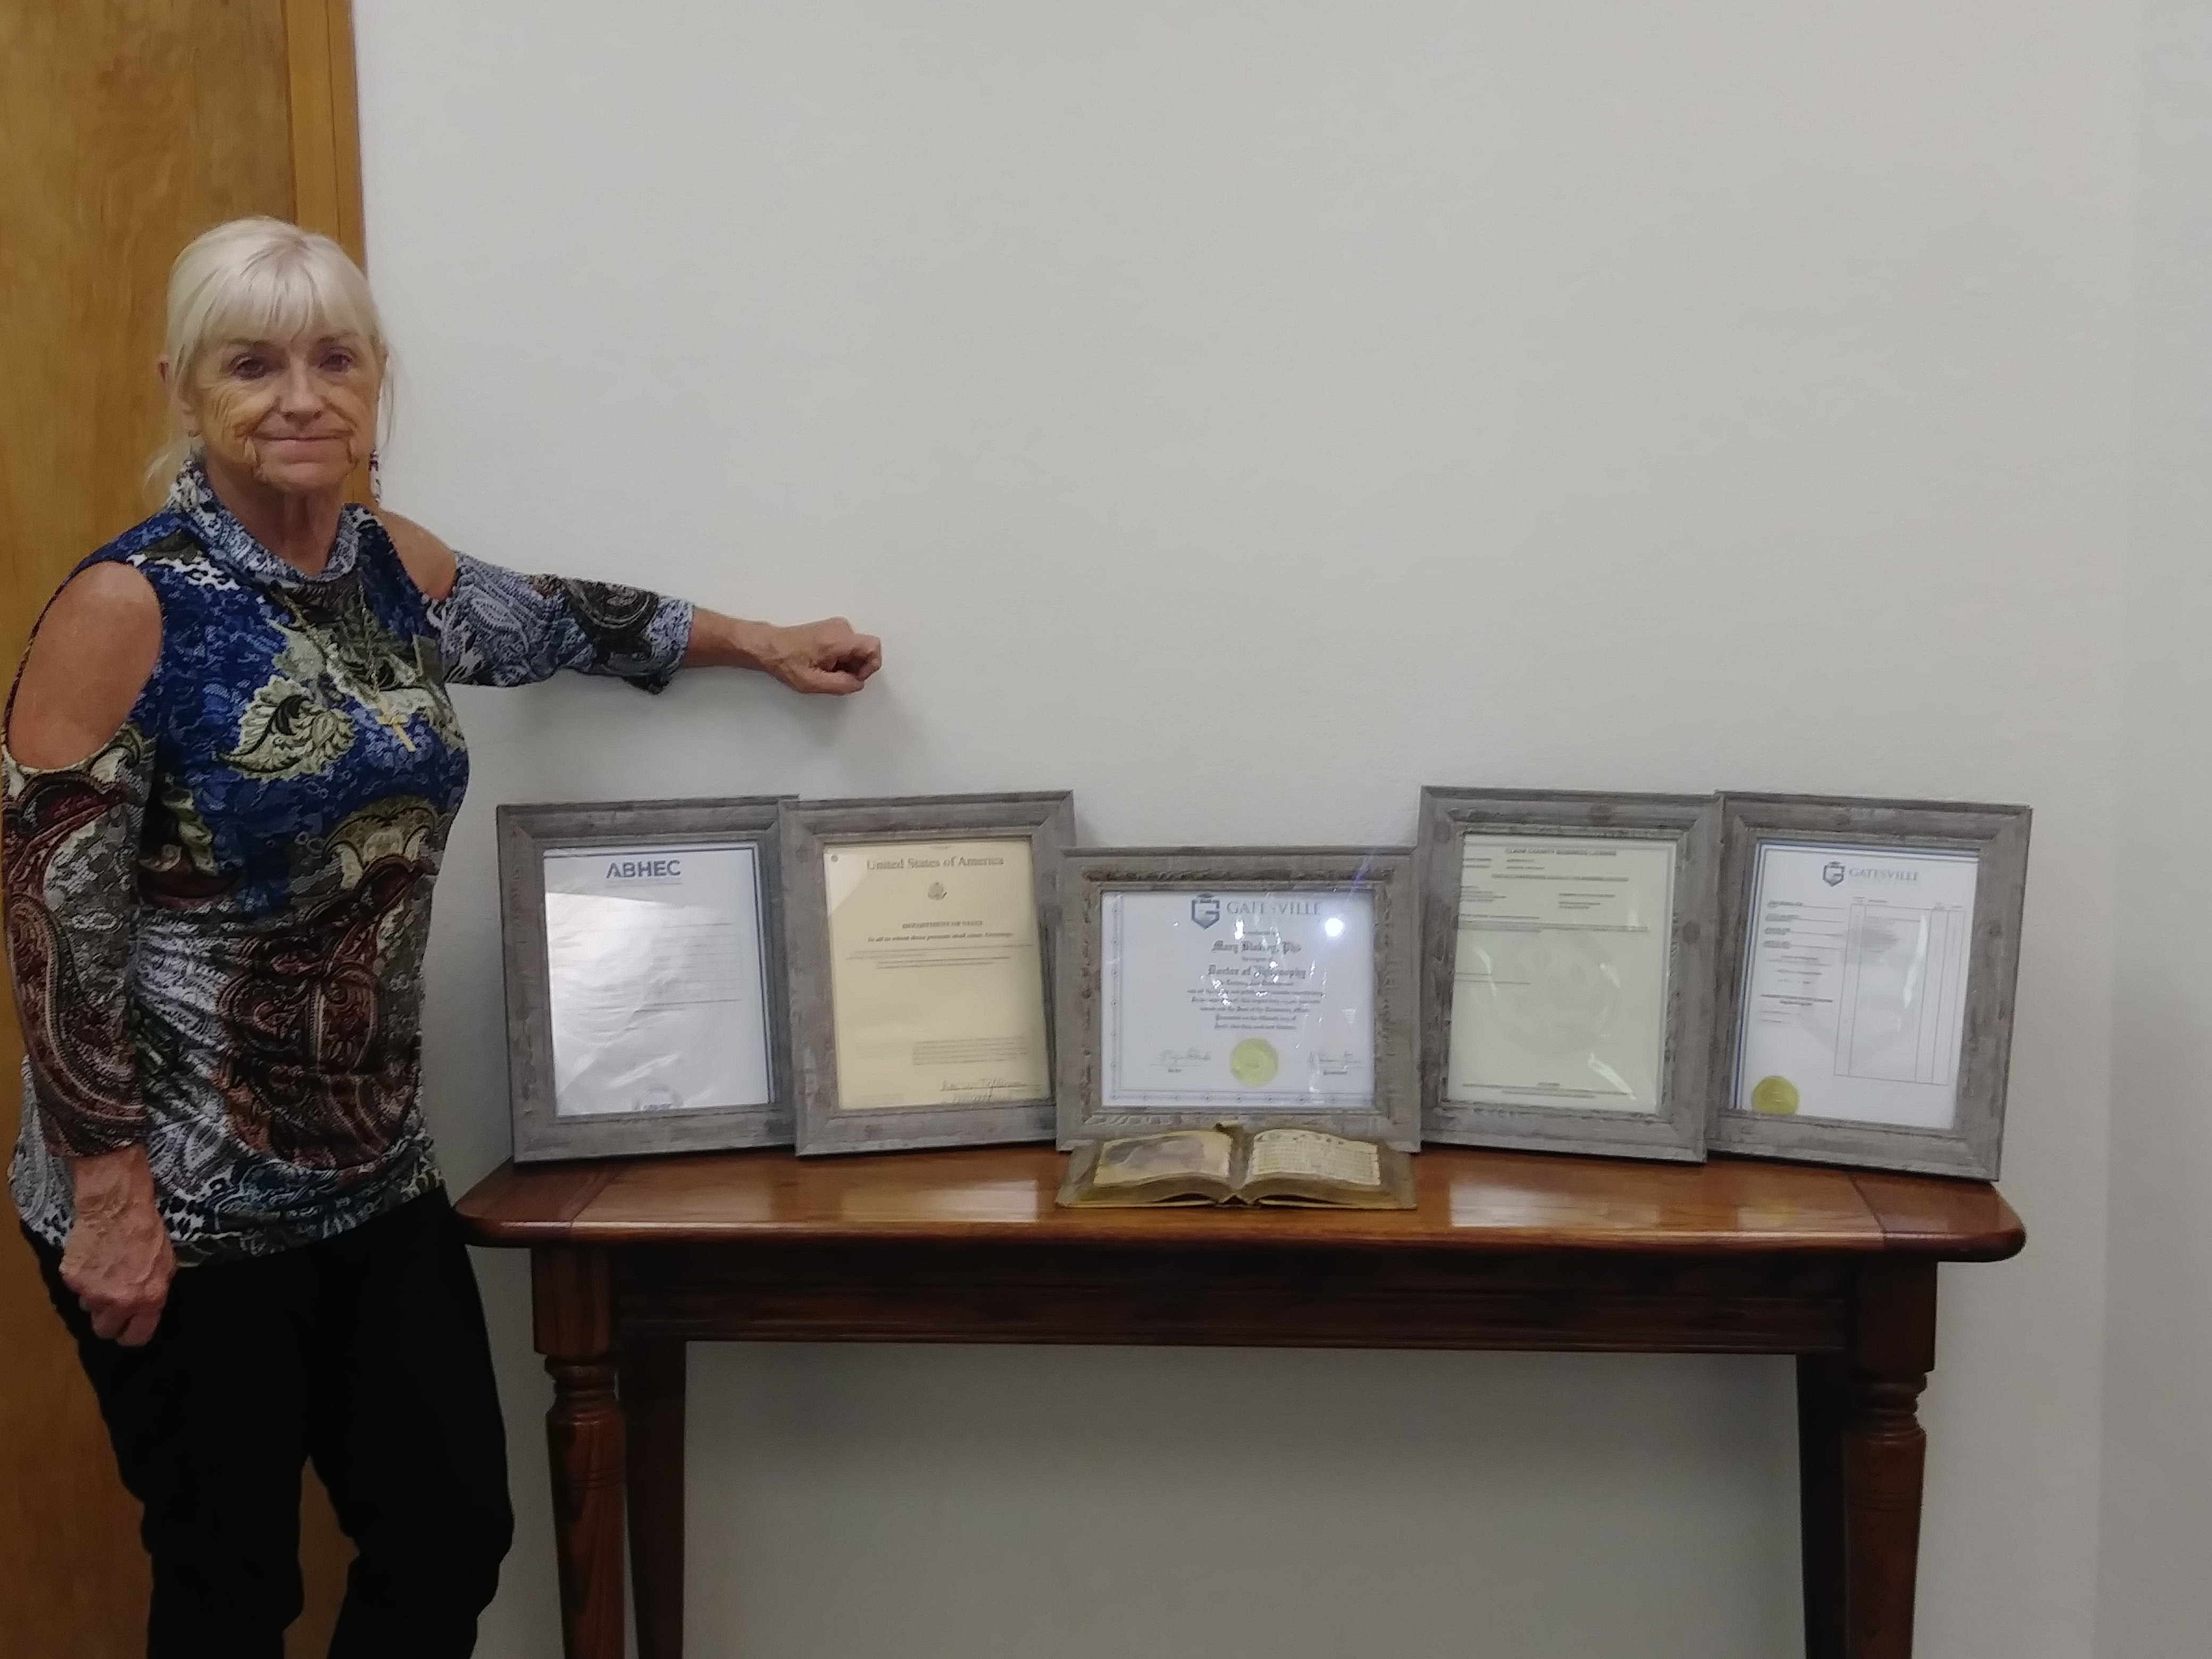 Dr. Mary Blakley